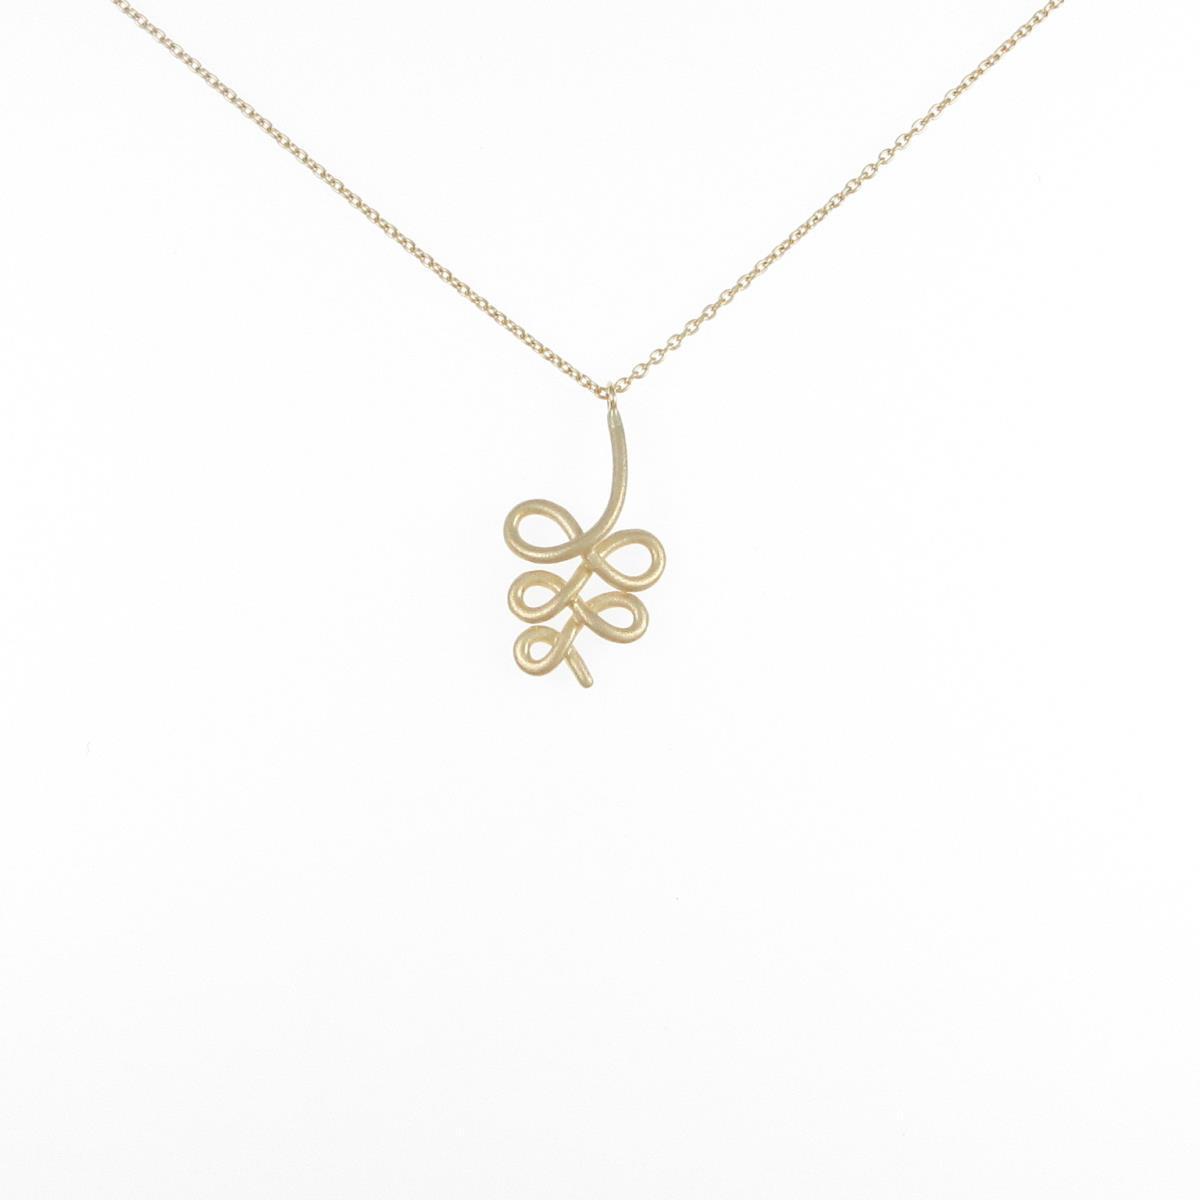 K18YG リーフ 誕生日 お祝い ネックレス 贈り物 中古